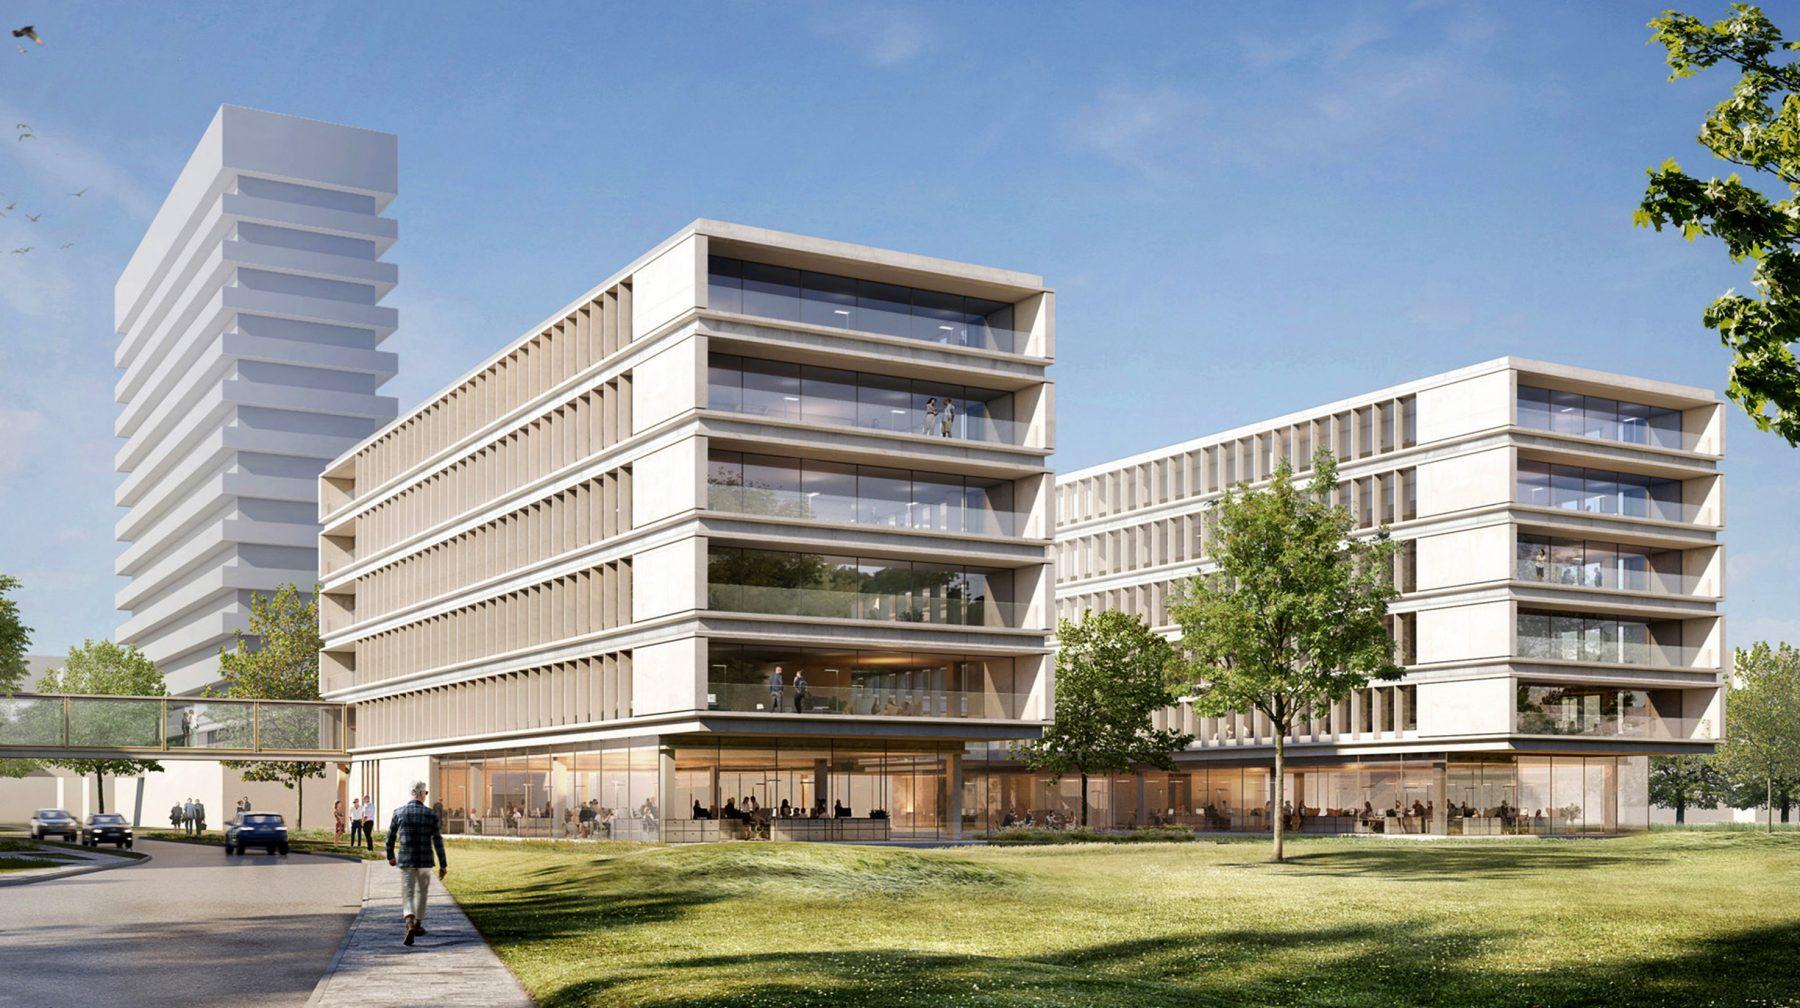 Der NDR Neubau bietet Platz für mehr als 550 Arbeitsplätze. Foto: NDR/gmp